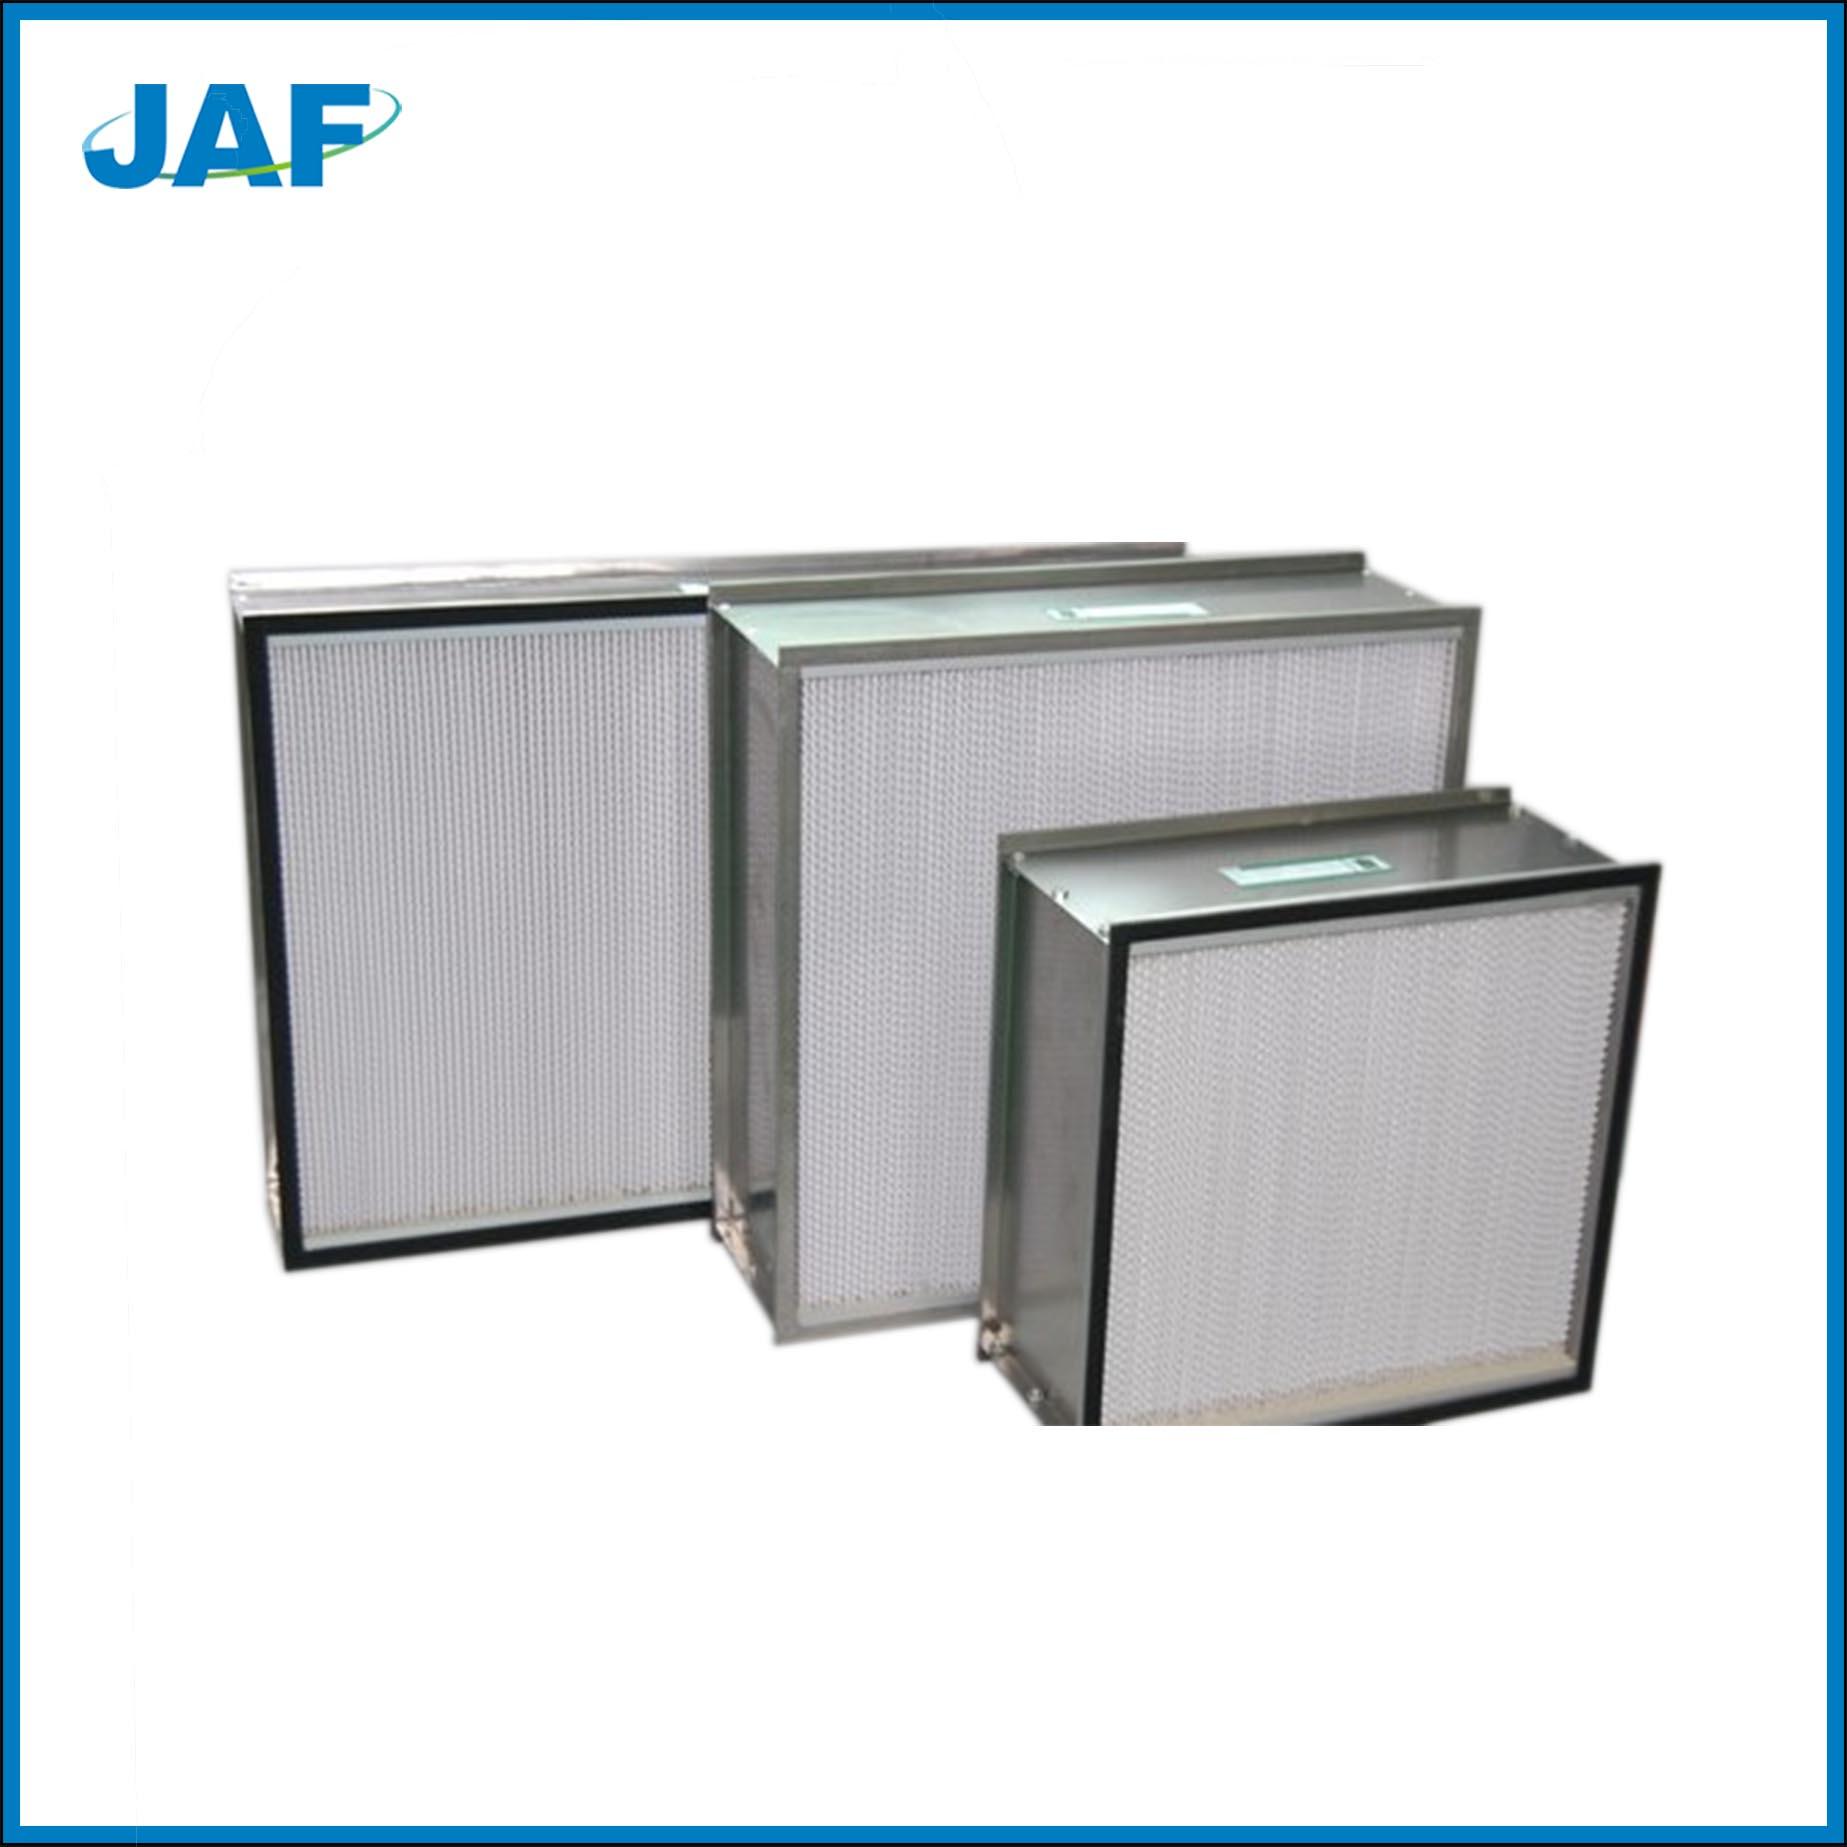 高效有隔板过滤器在游乐场应用的成功案例